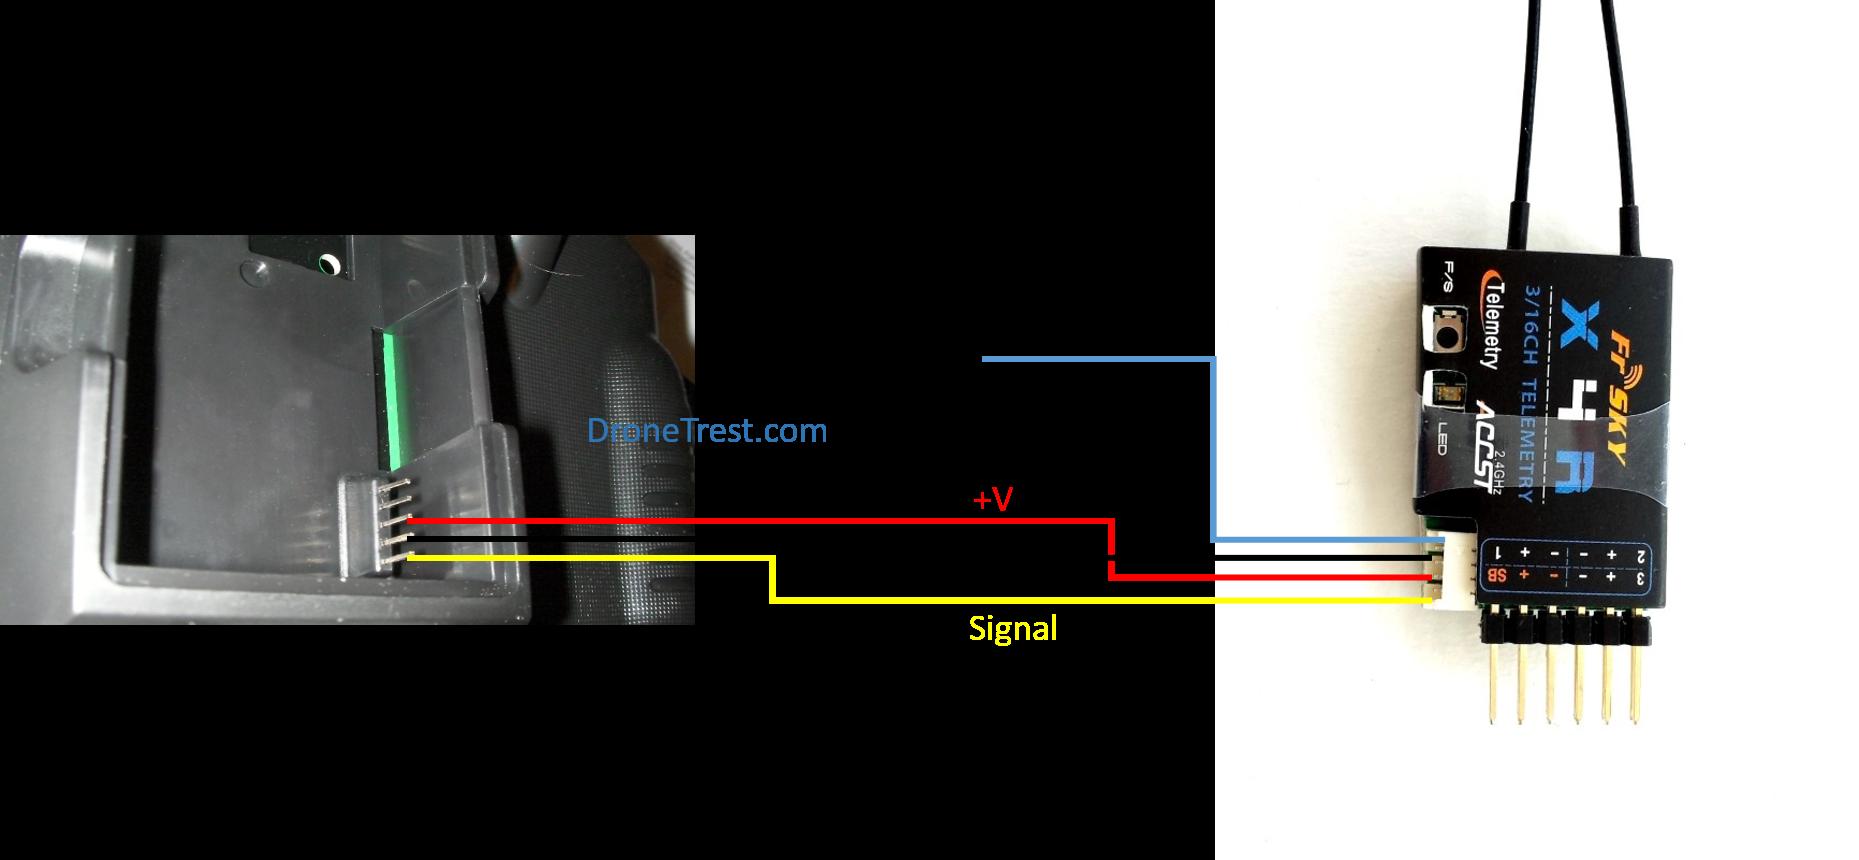 Rcmania Cz - Web Pro Model U00e1 U0159e A Modely  U2022 Frsky Taranis